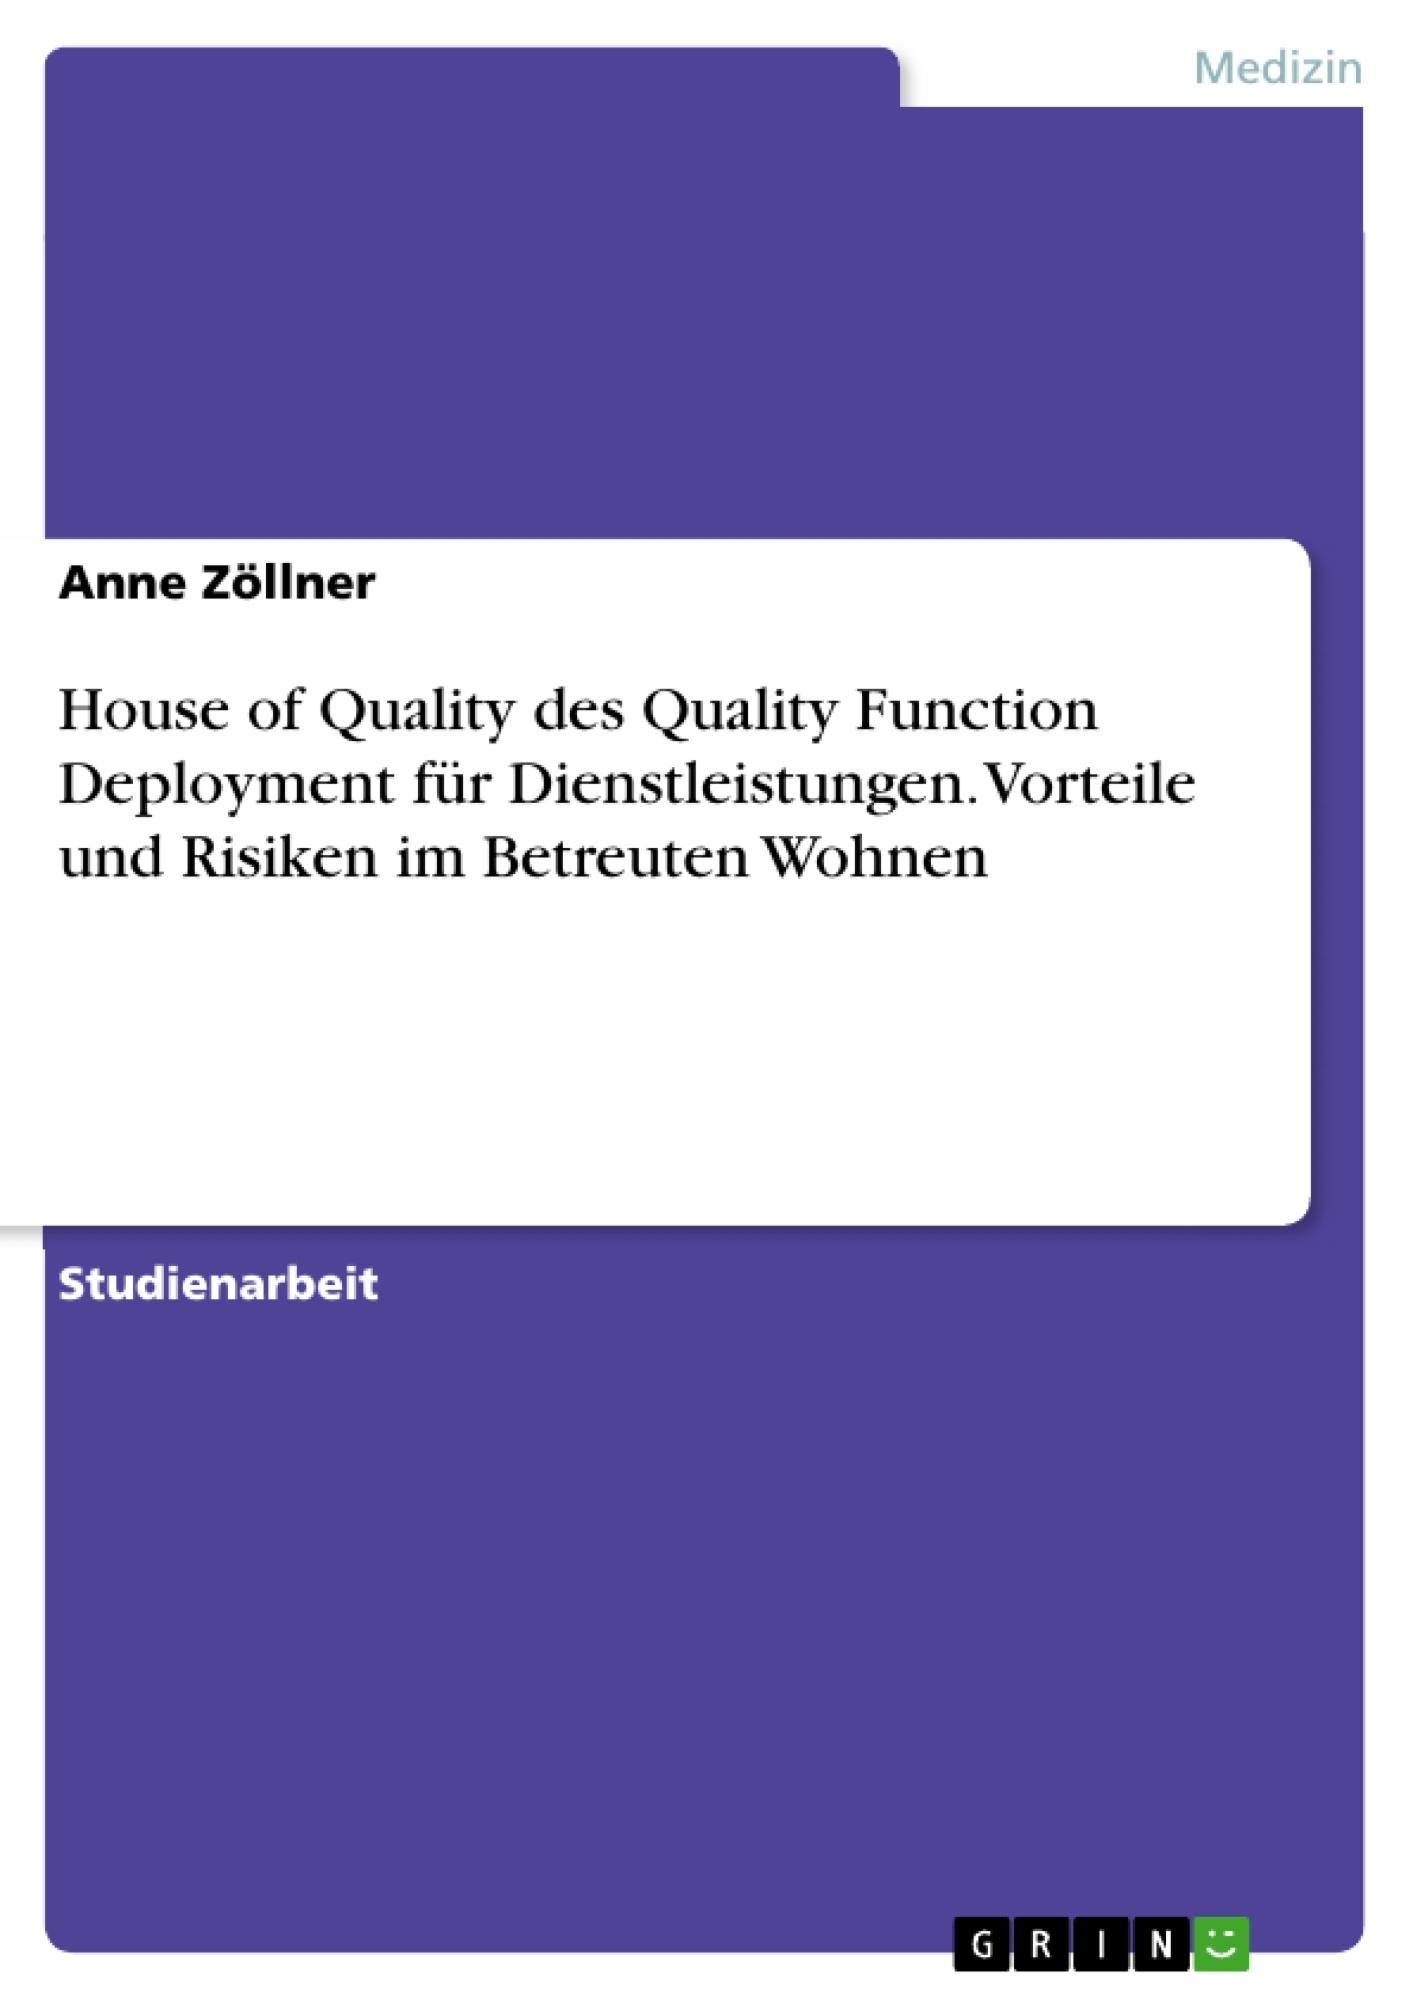 Titel: House of Quality des Quality Function Deployment für Dienstleistungen. Vorteile und Risiken im Betreuten Wohnen